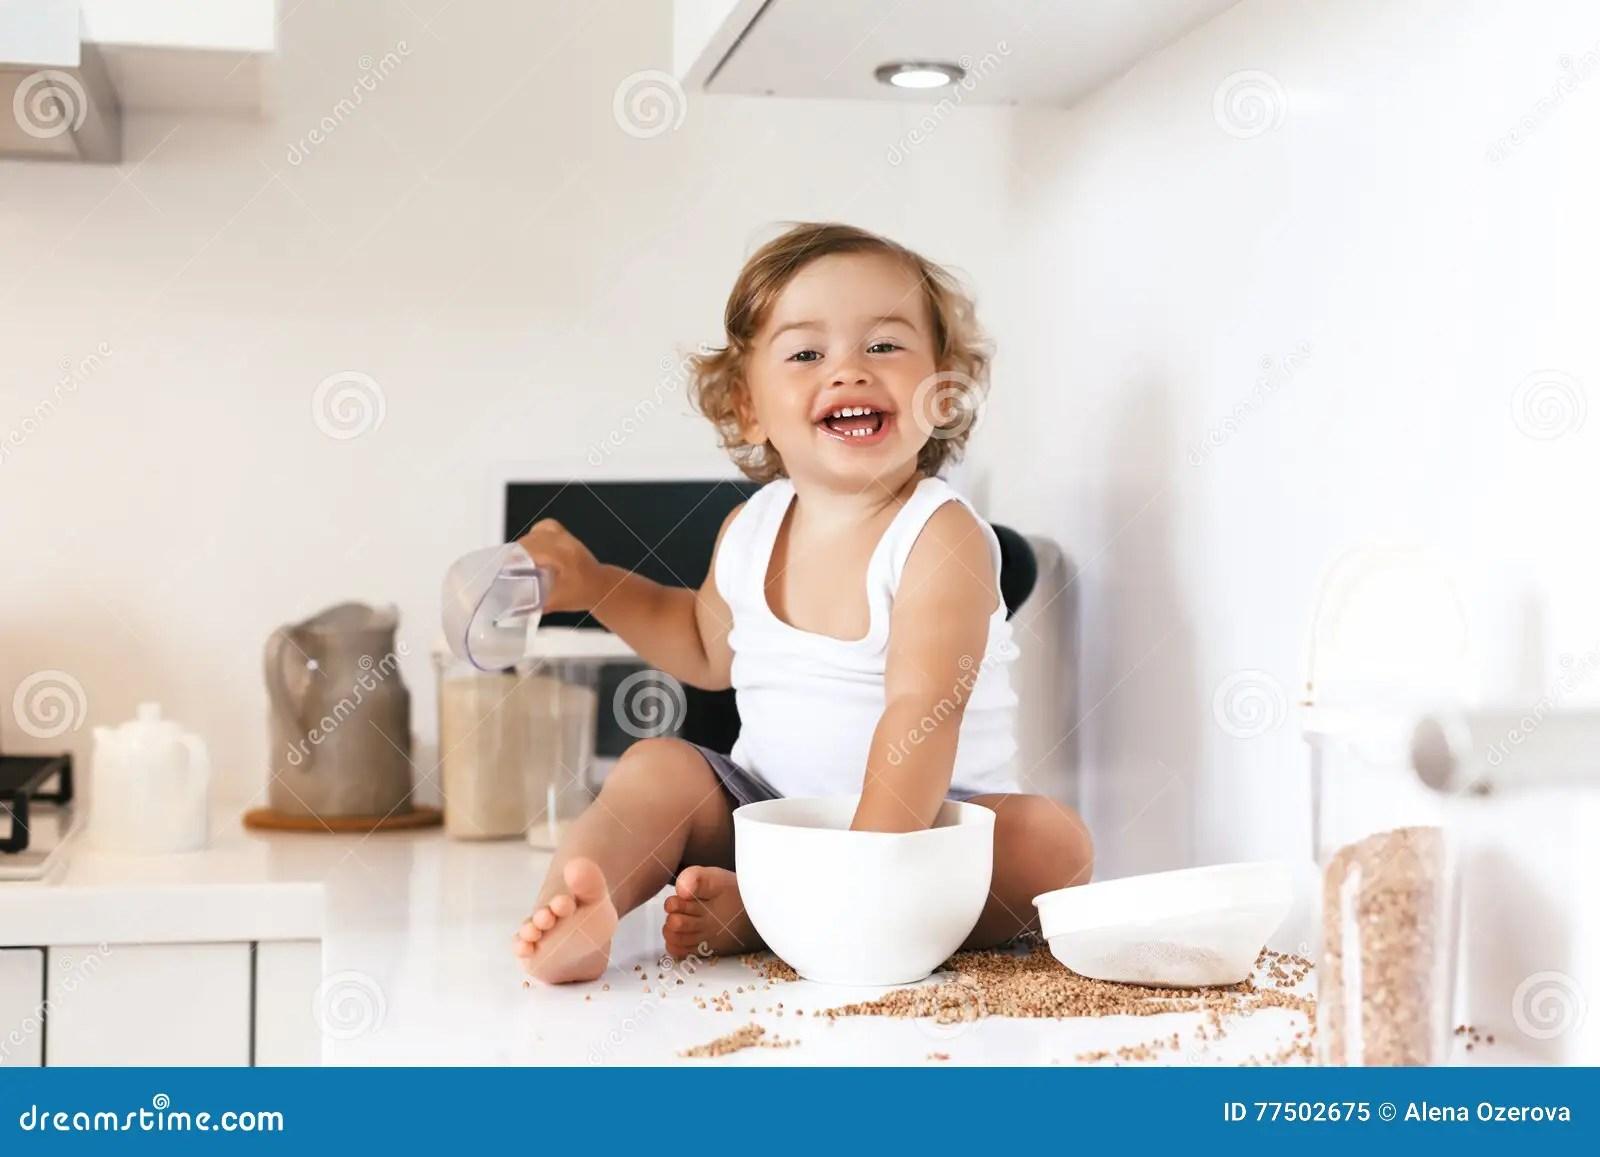 kid kitchens quartz kitchen sinks 使用在厨房的小孩库存图片 图片包括有食物 人力 干净 厨房 内部 1 4岁使用与单独食品成分和器物的儿童在白色厨房用桌里